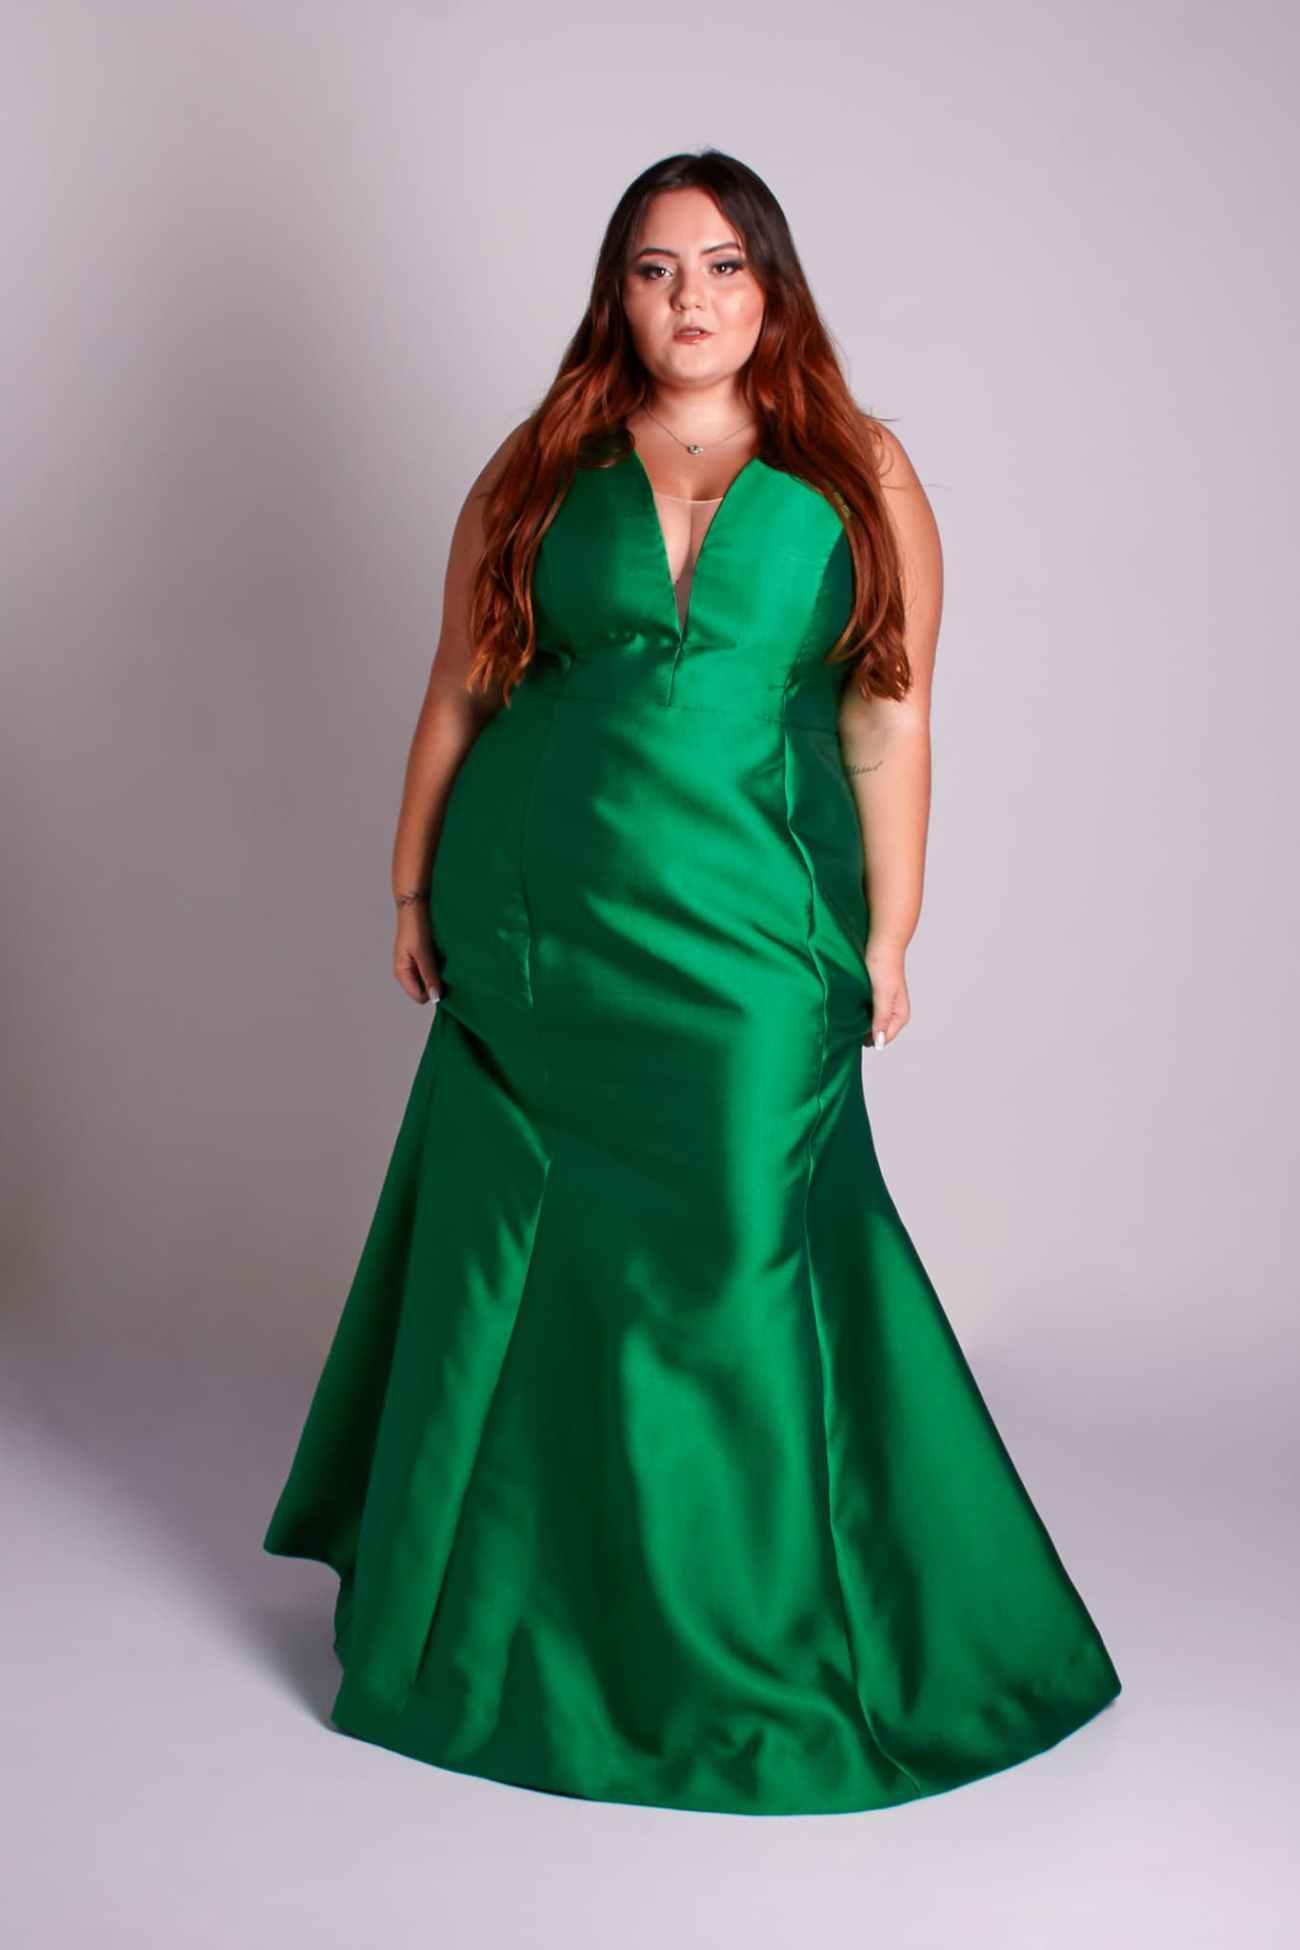 64 - vestido verde esmeralda de zibeline com decote V